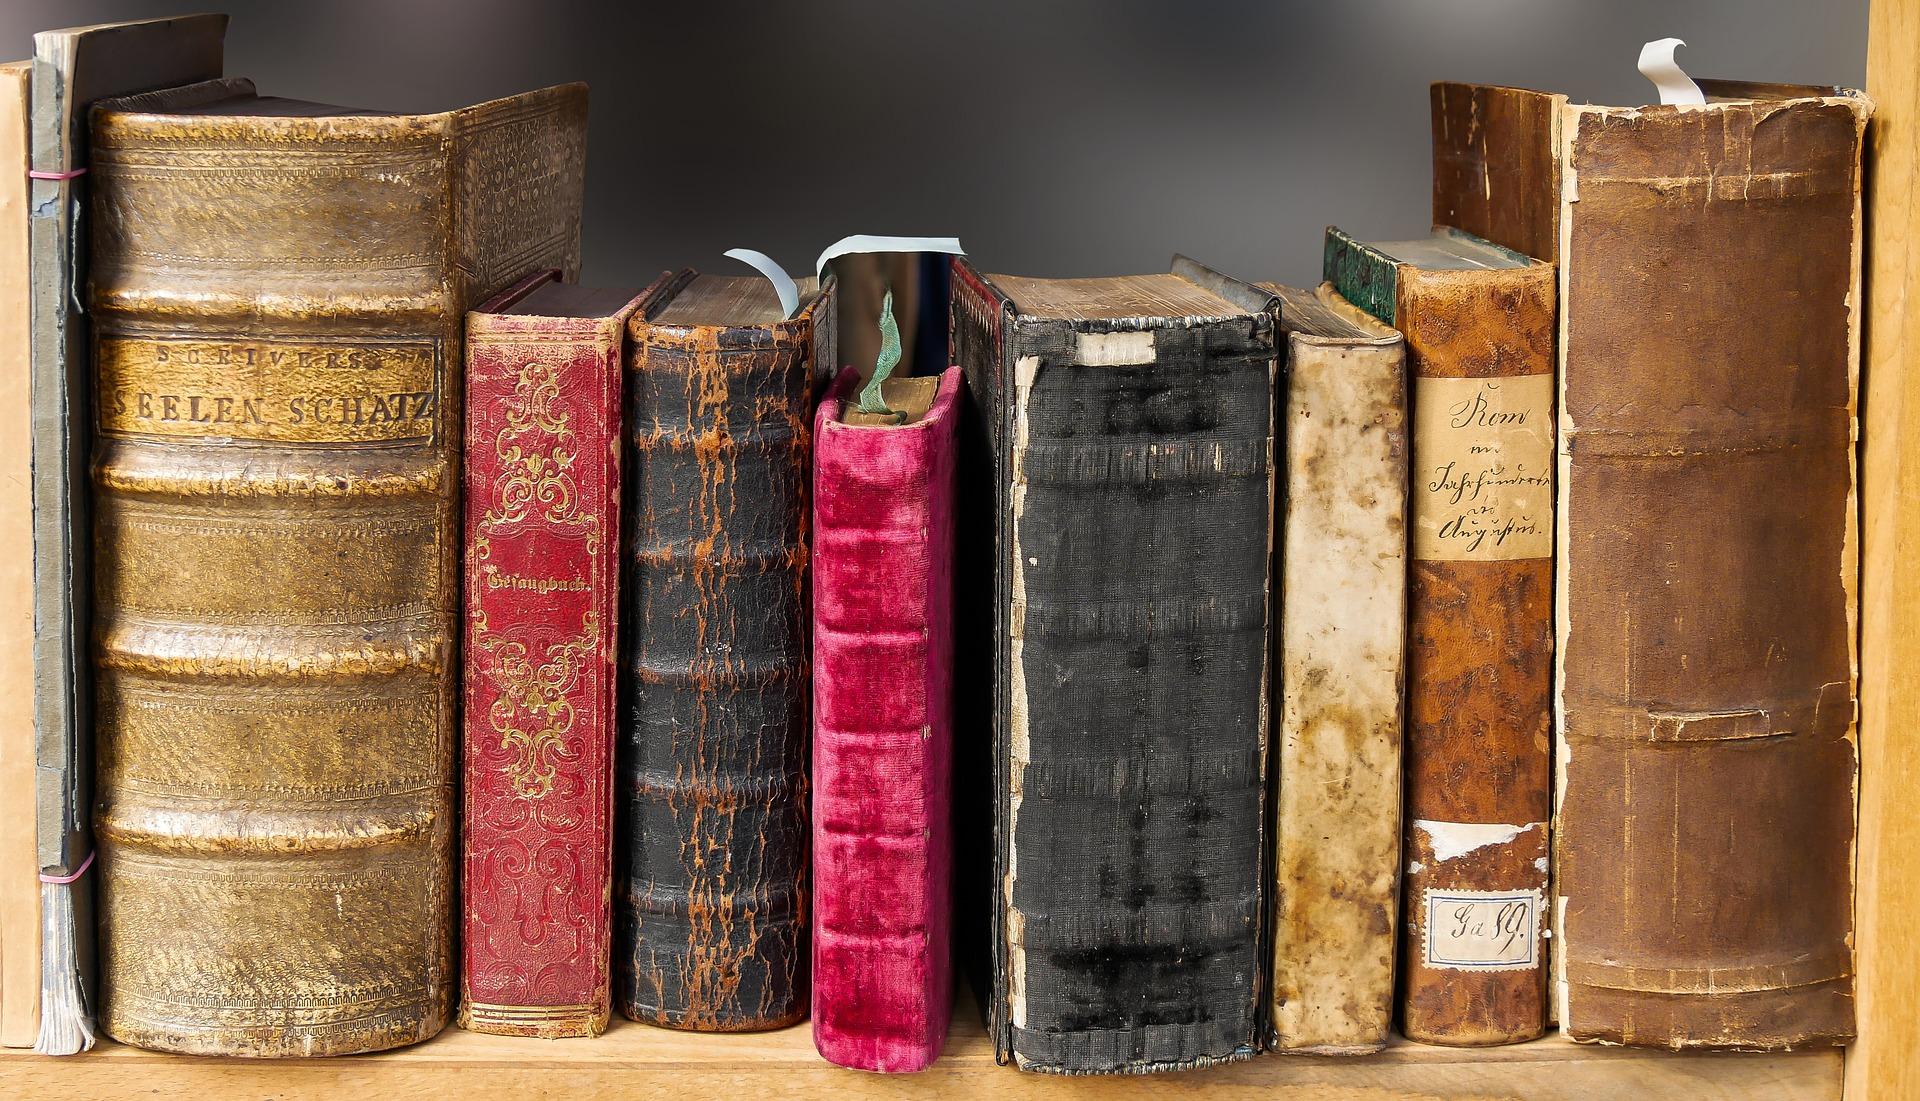 Schöne, alte Bücher in einem Regal